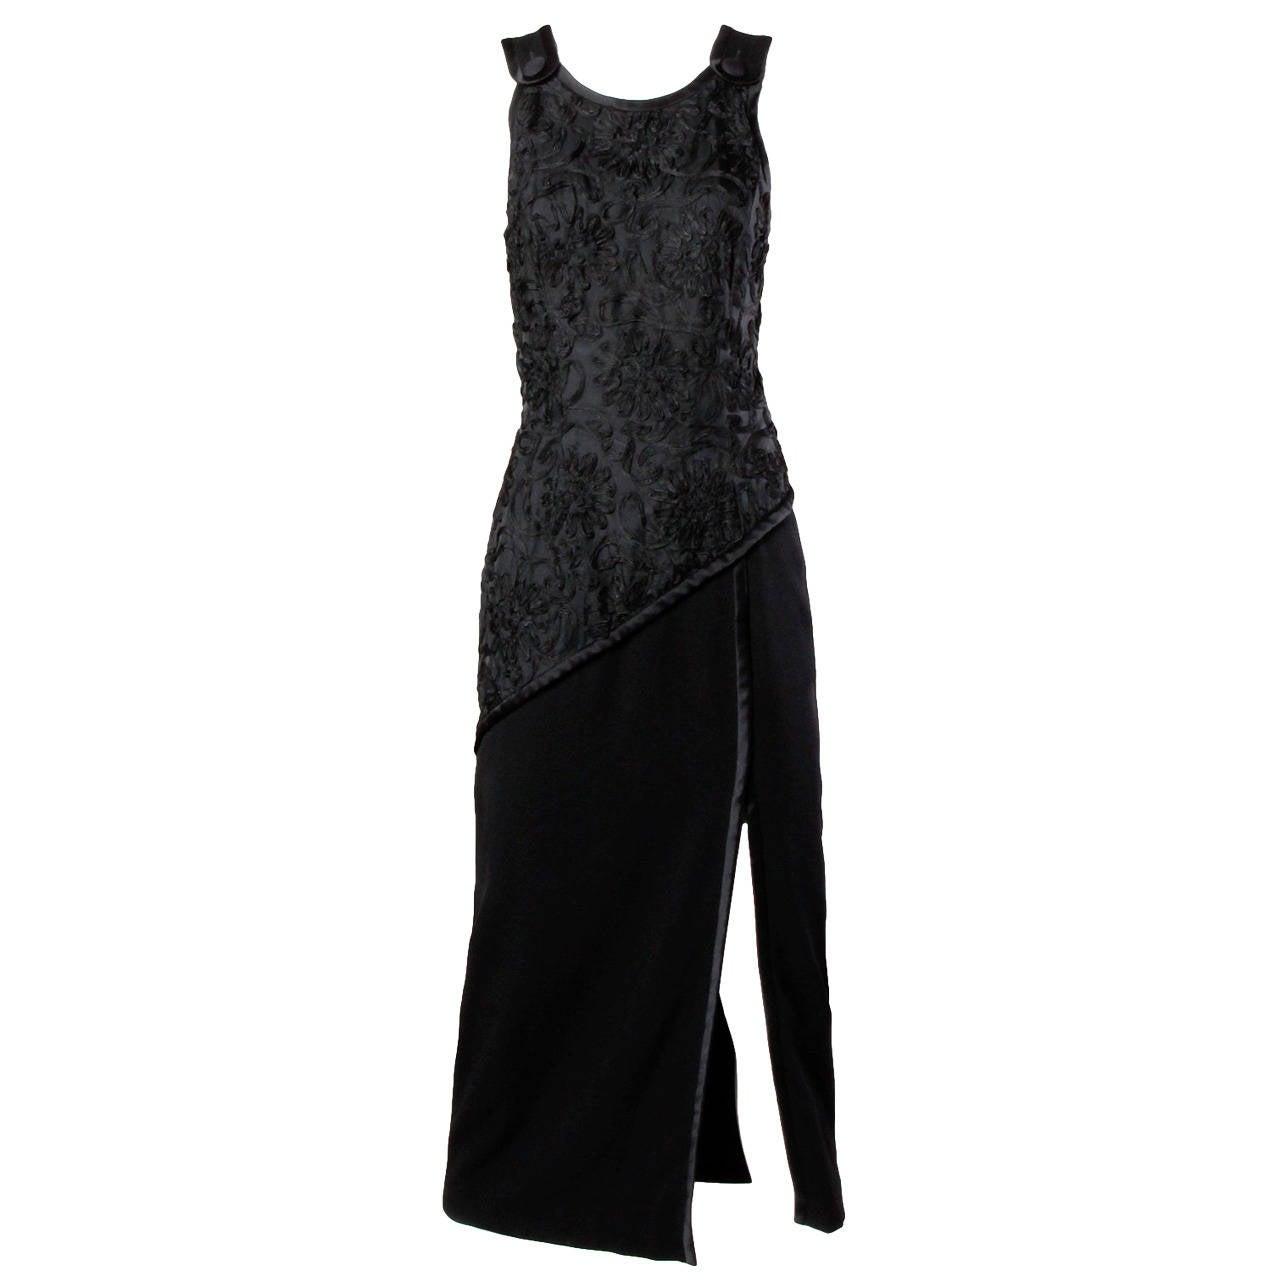 Bill Blass Vintage Black Soutache Evening Dress